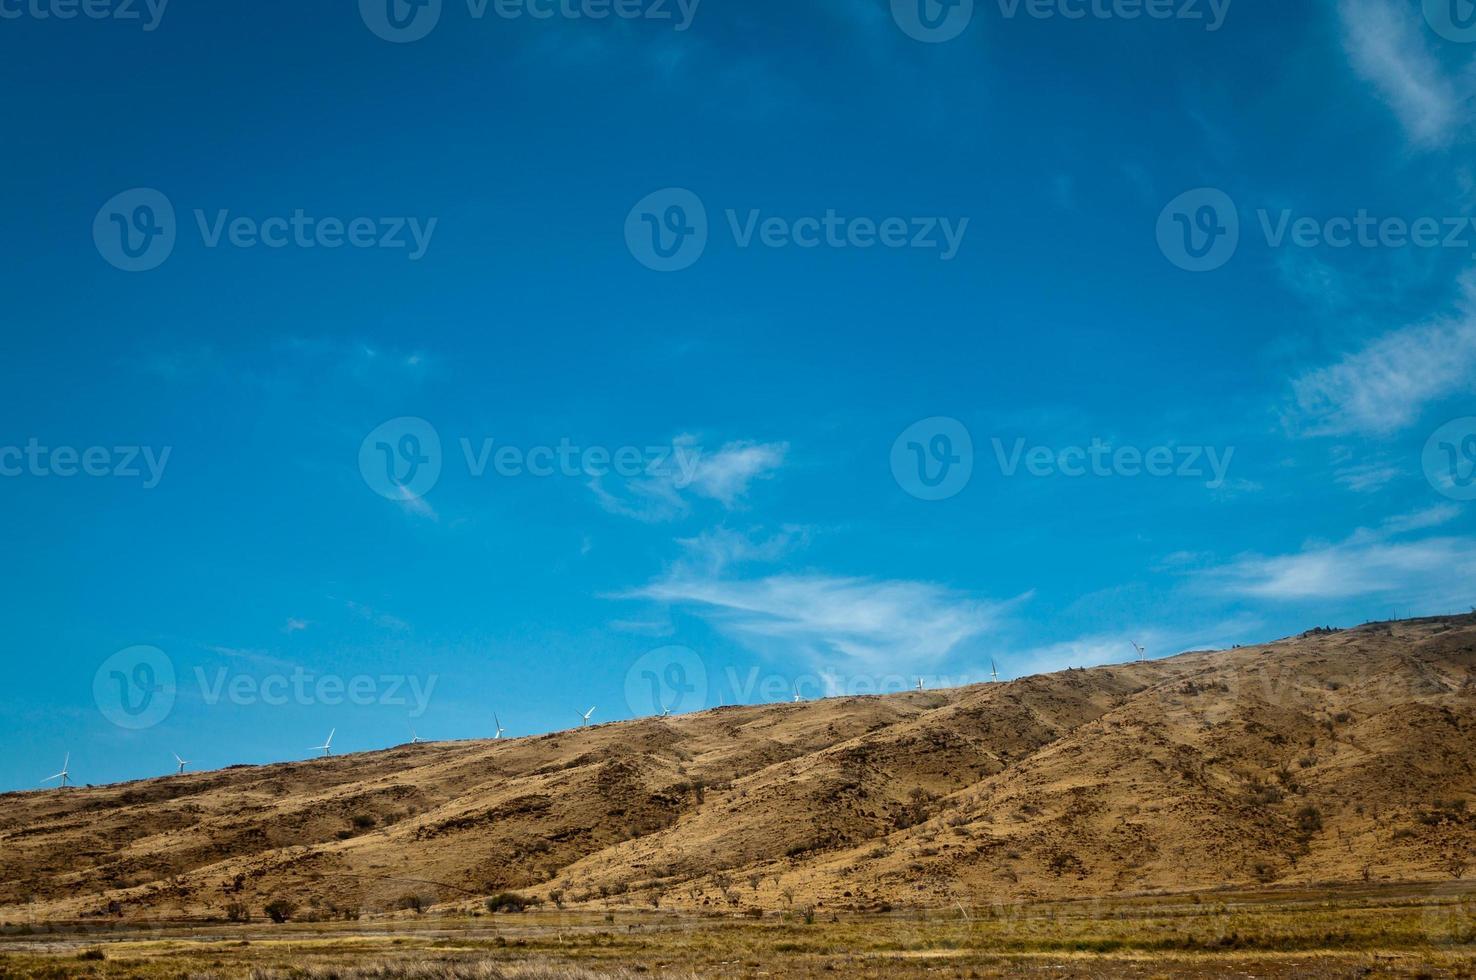 turbinas eólicas distantes em uma colina seca foto